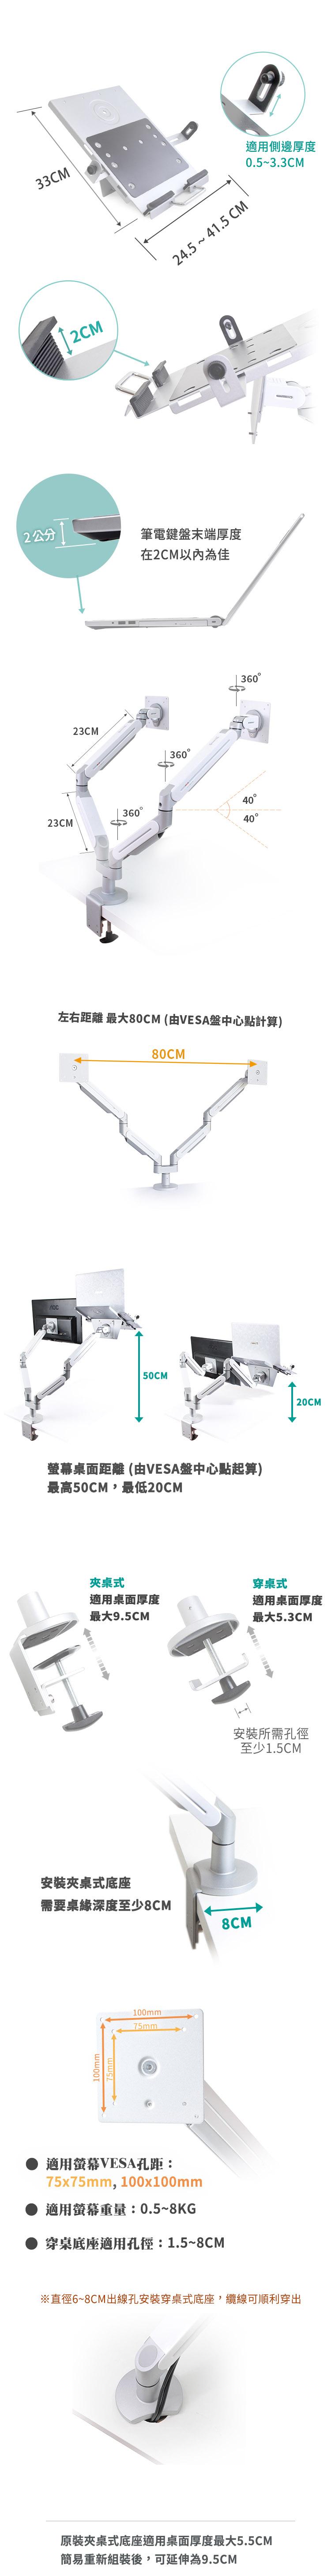 桌用筆電架適用規格